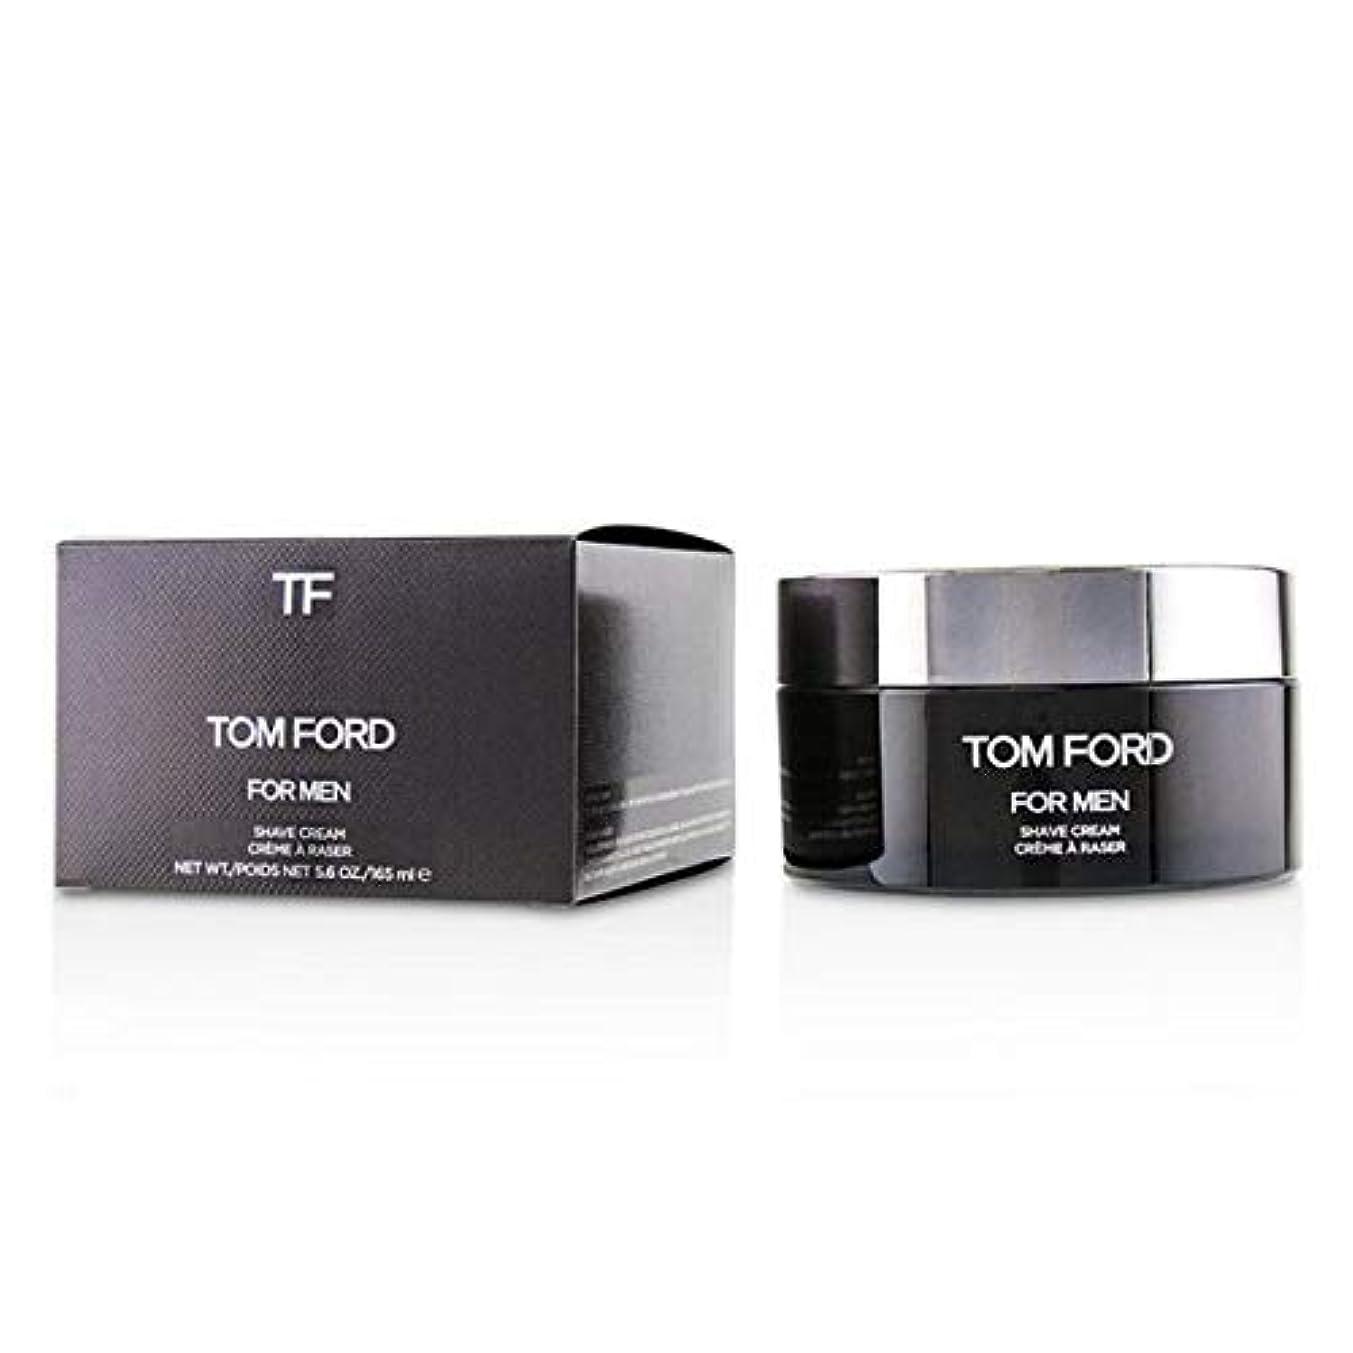 エジプト人出席霧深いTom Ford for Men Shave Cream Made in Belgium 165ml / トムフォードメンズフォーシェーブクリームベルギー製165ml